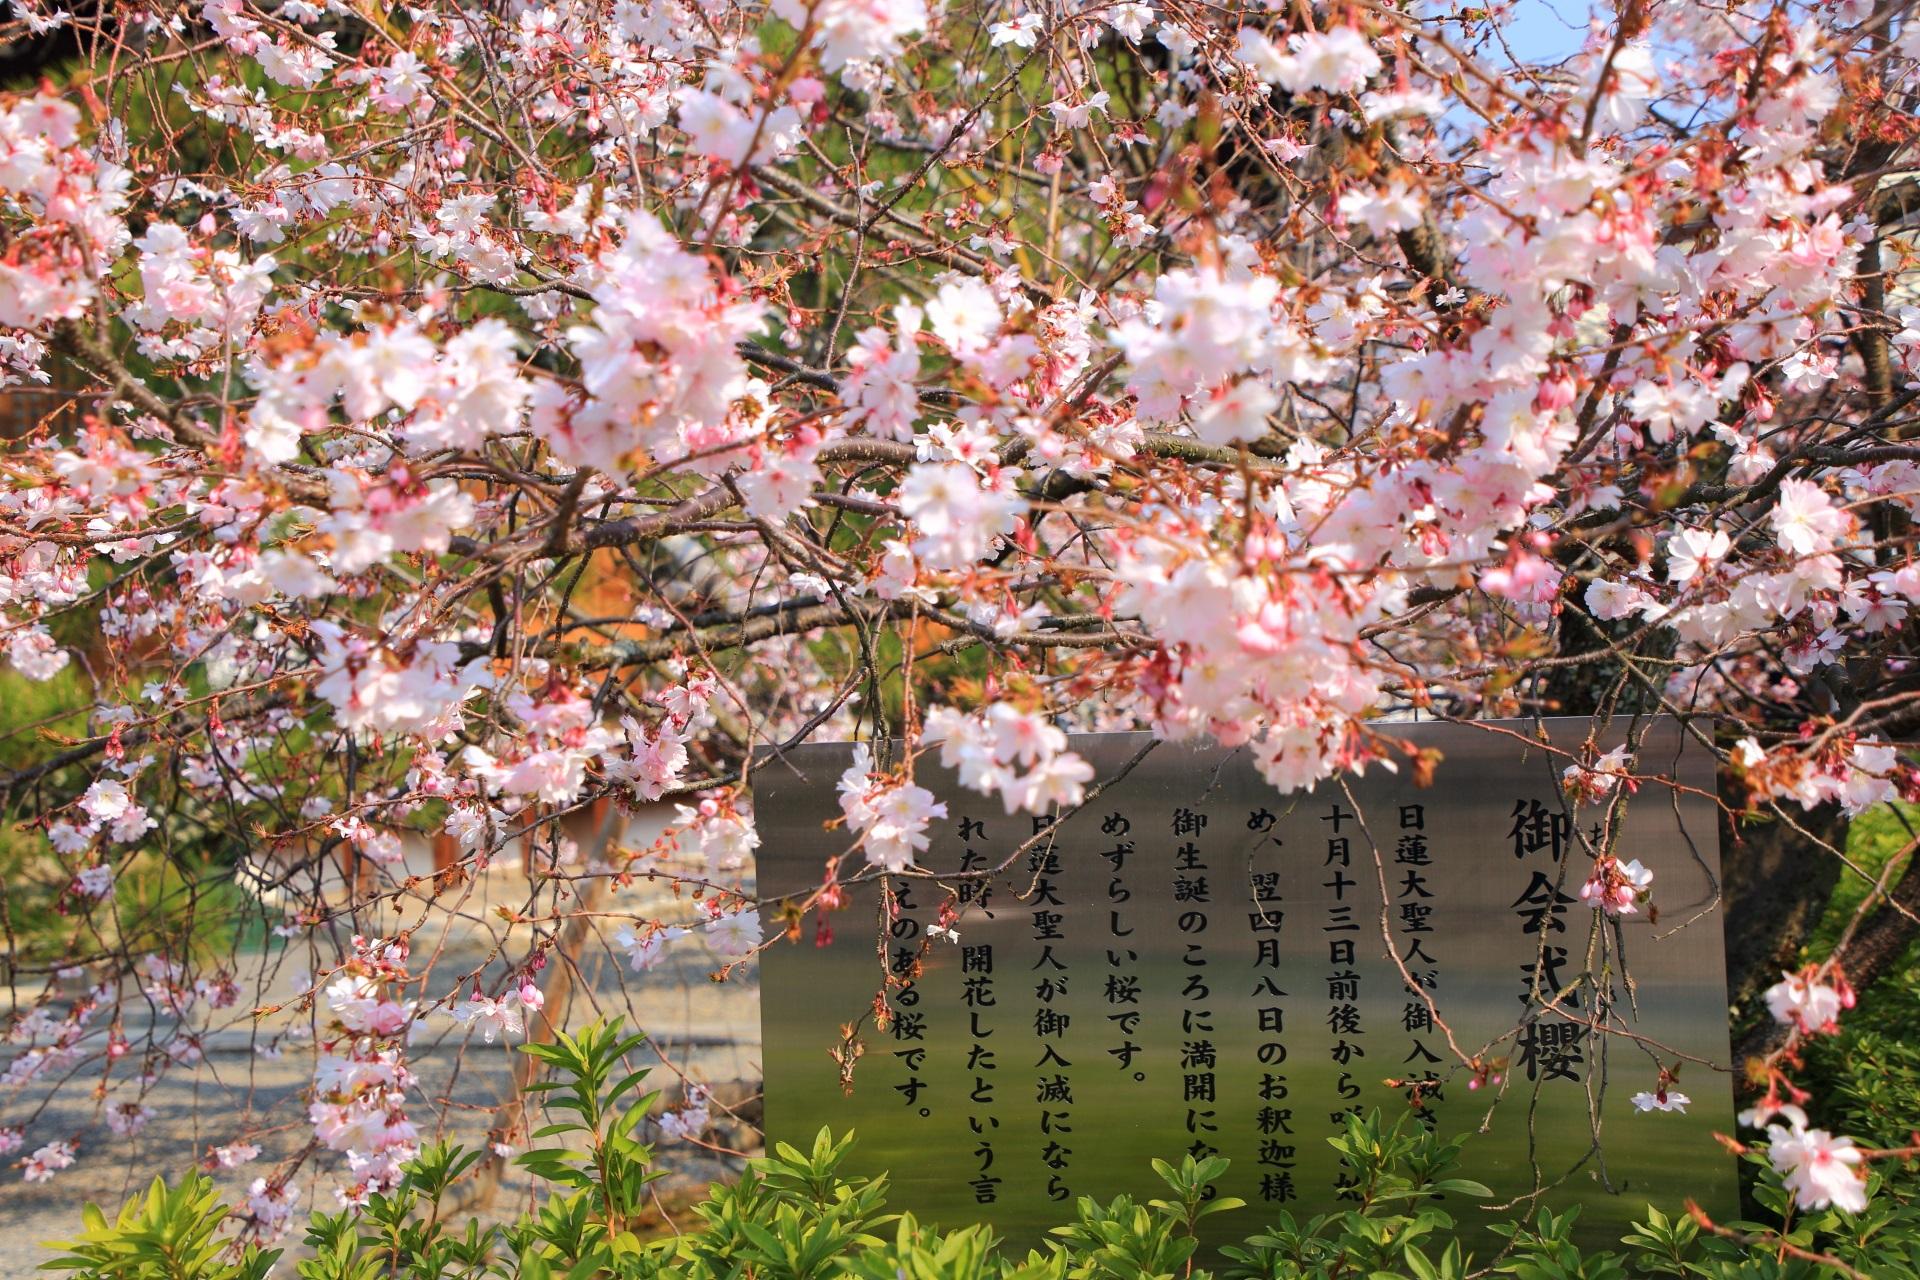 妙蓮寺の御会式桜の説明と満開の花